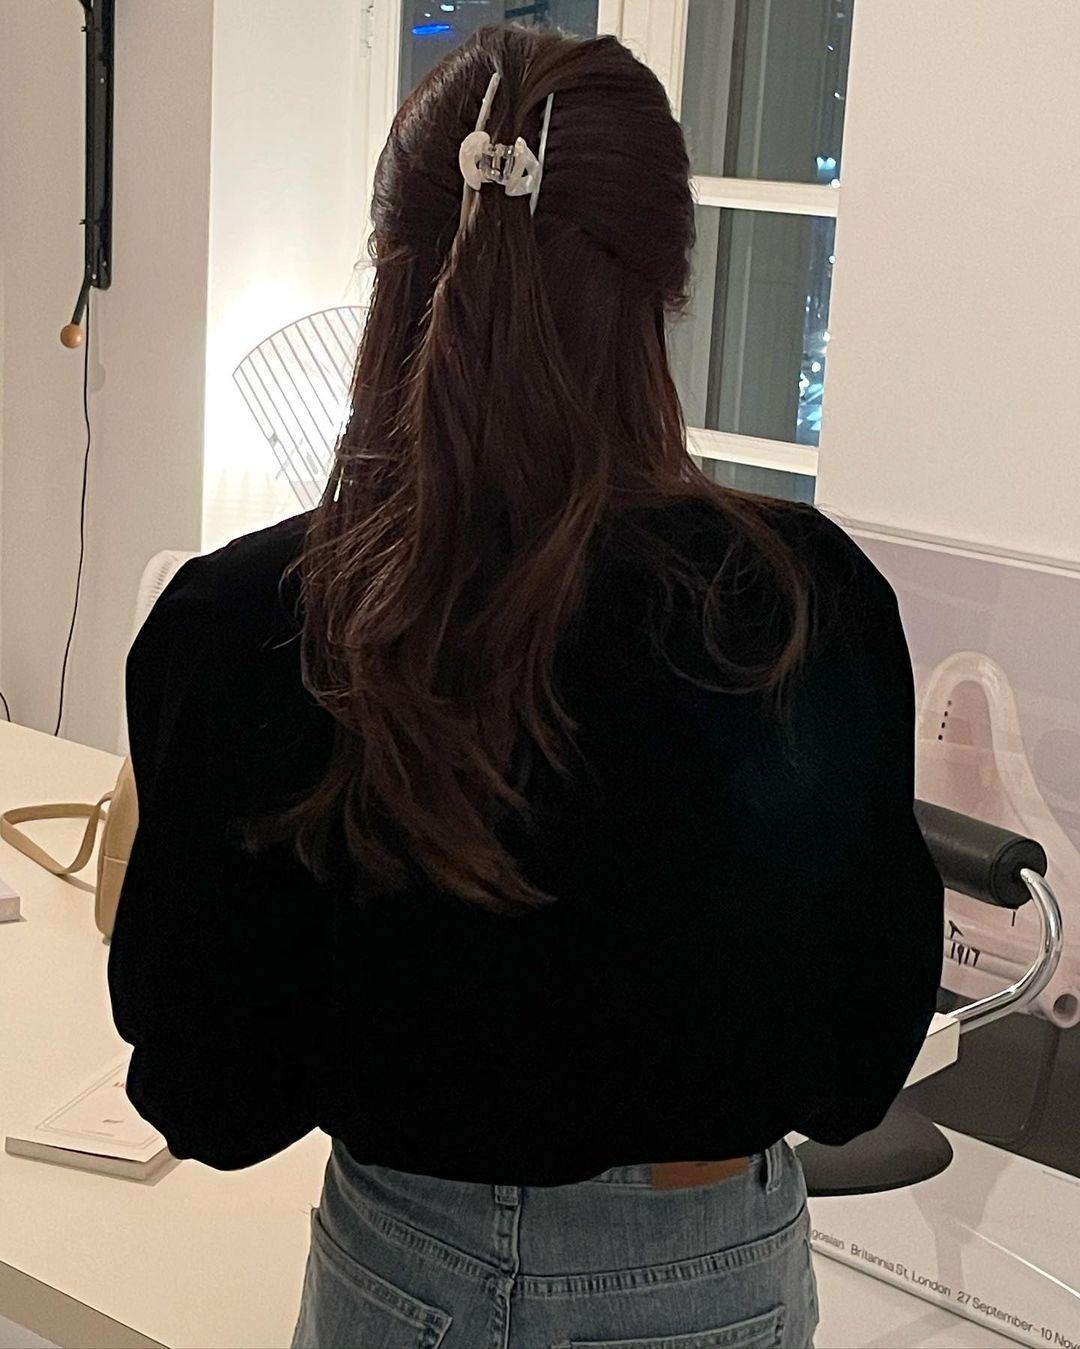 Chẳng cần nhuộm tóc màu mè, chị em vẫn trẻ trung hết nấc khi để tóc tối màu nhờ 4 tip sau - Ảnh 7.